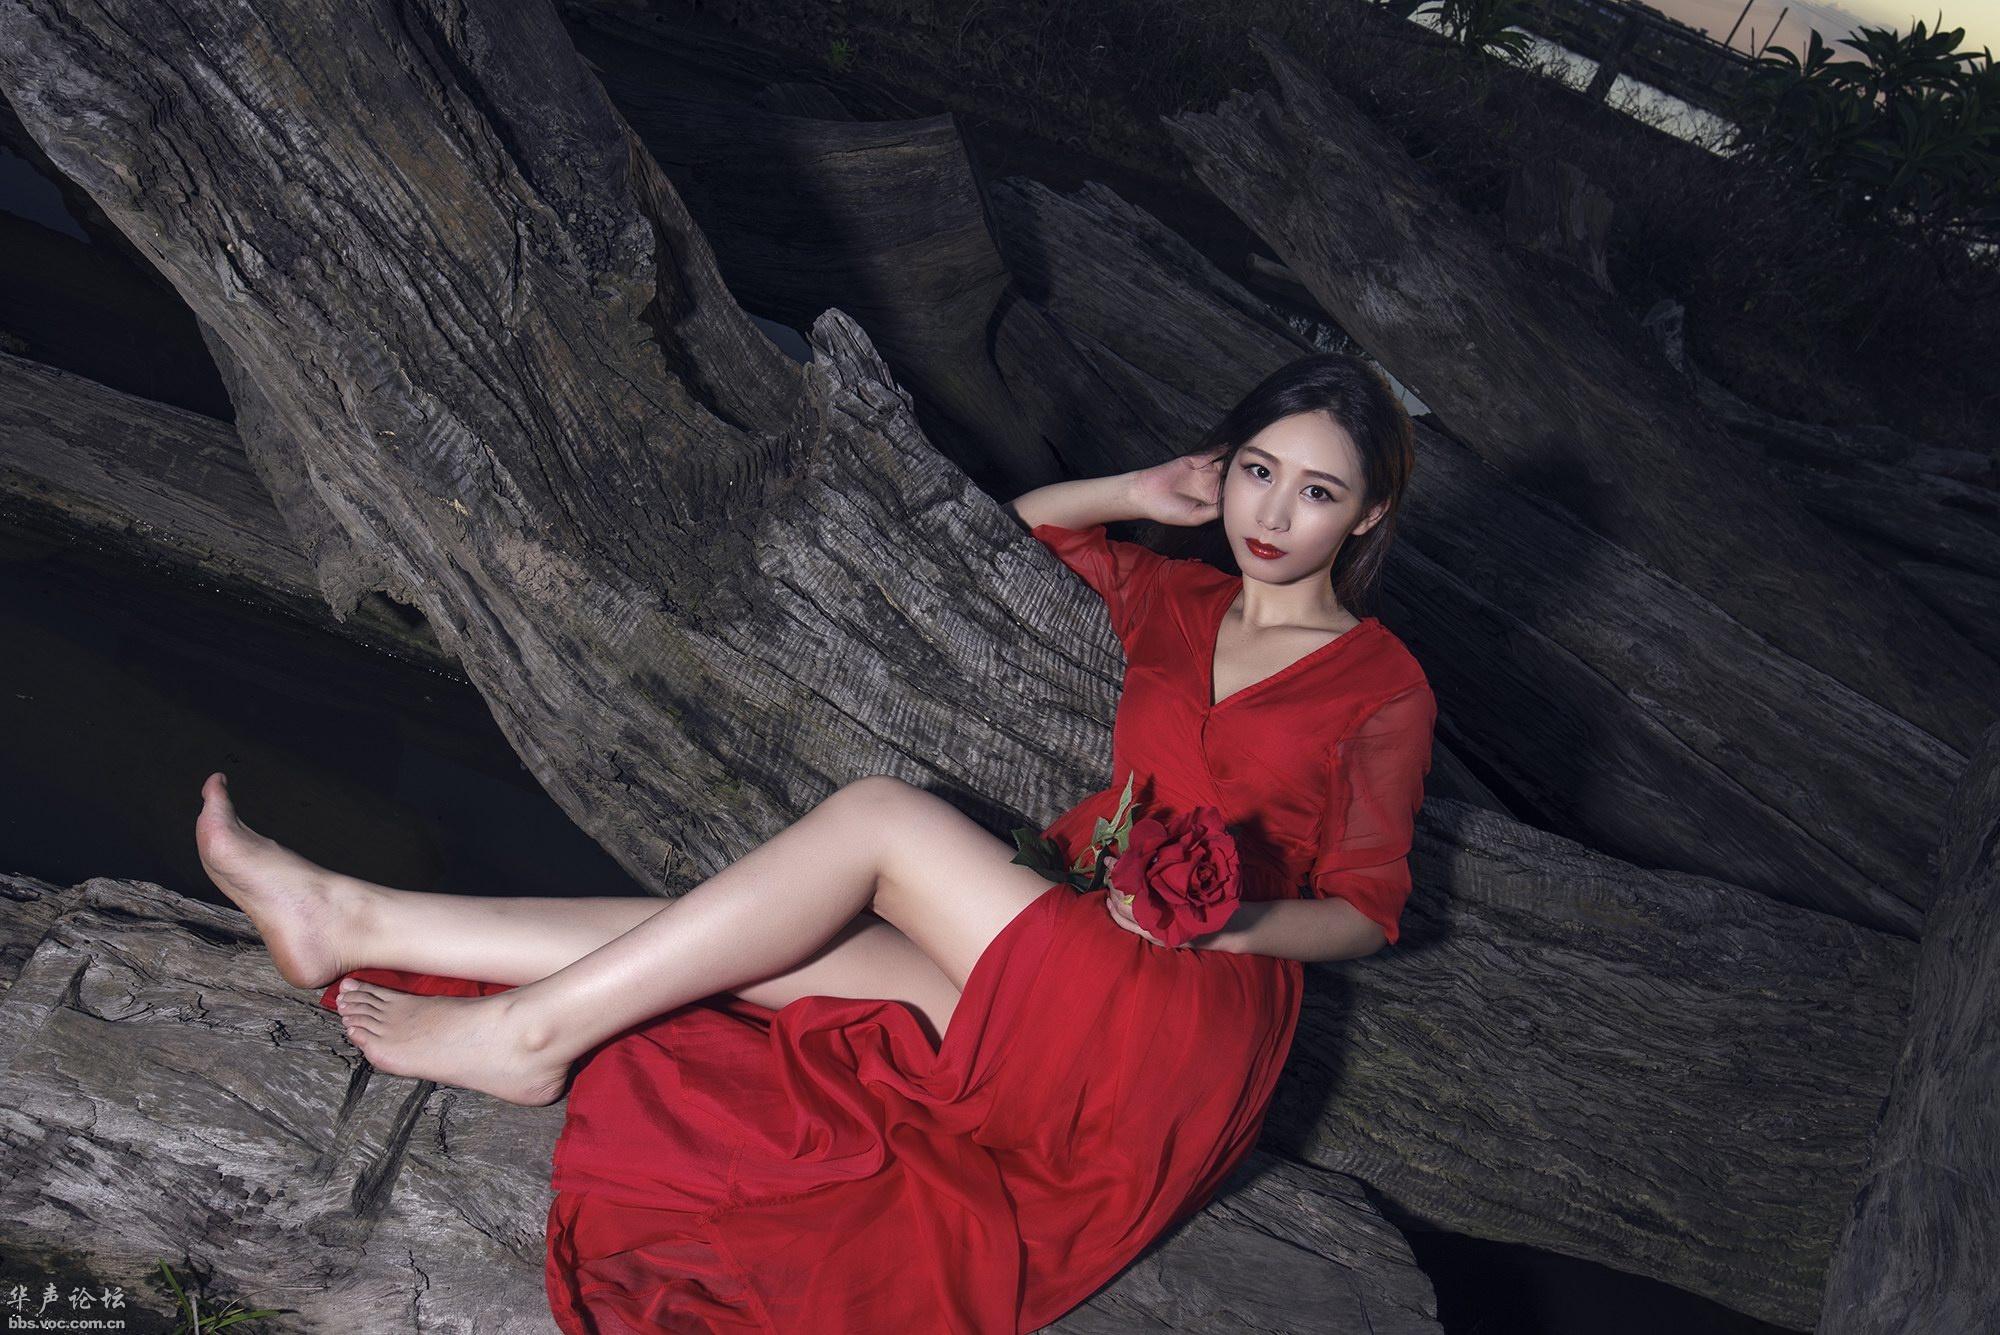 长腿美腿  红衣美眉 - 花開有聲 - 花開有聲